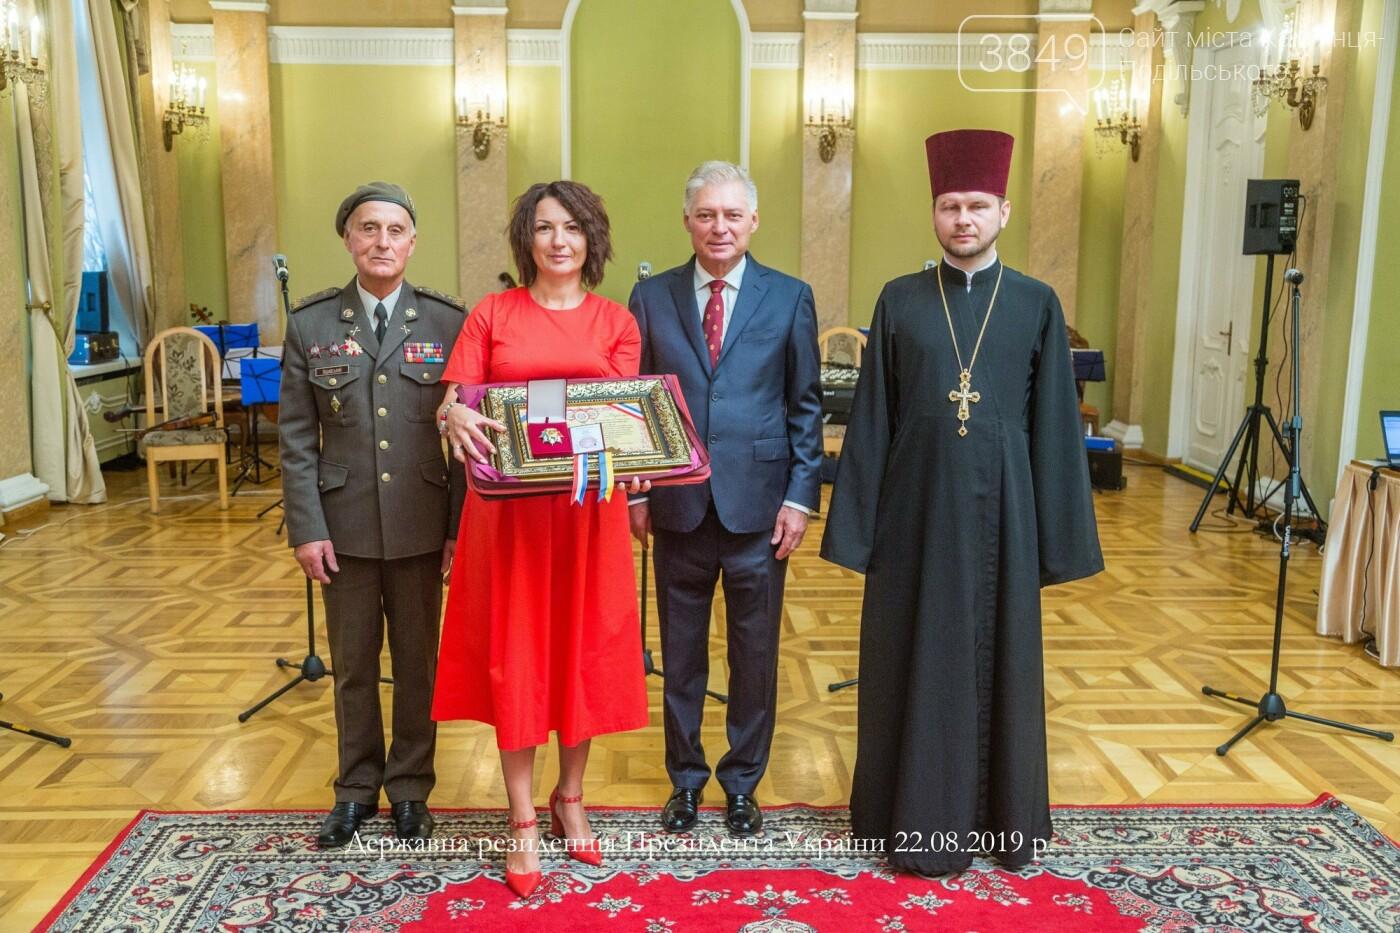 Лікар із Кам'янця-Подільського отримала найвищий міжнародний суспільний орден України, фото-4